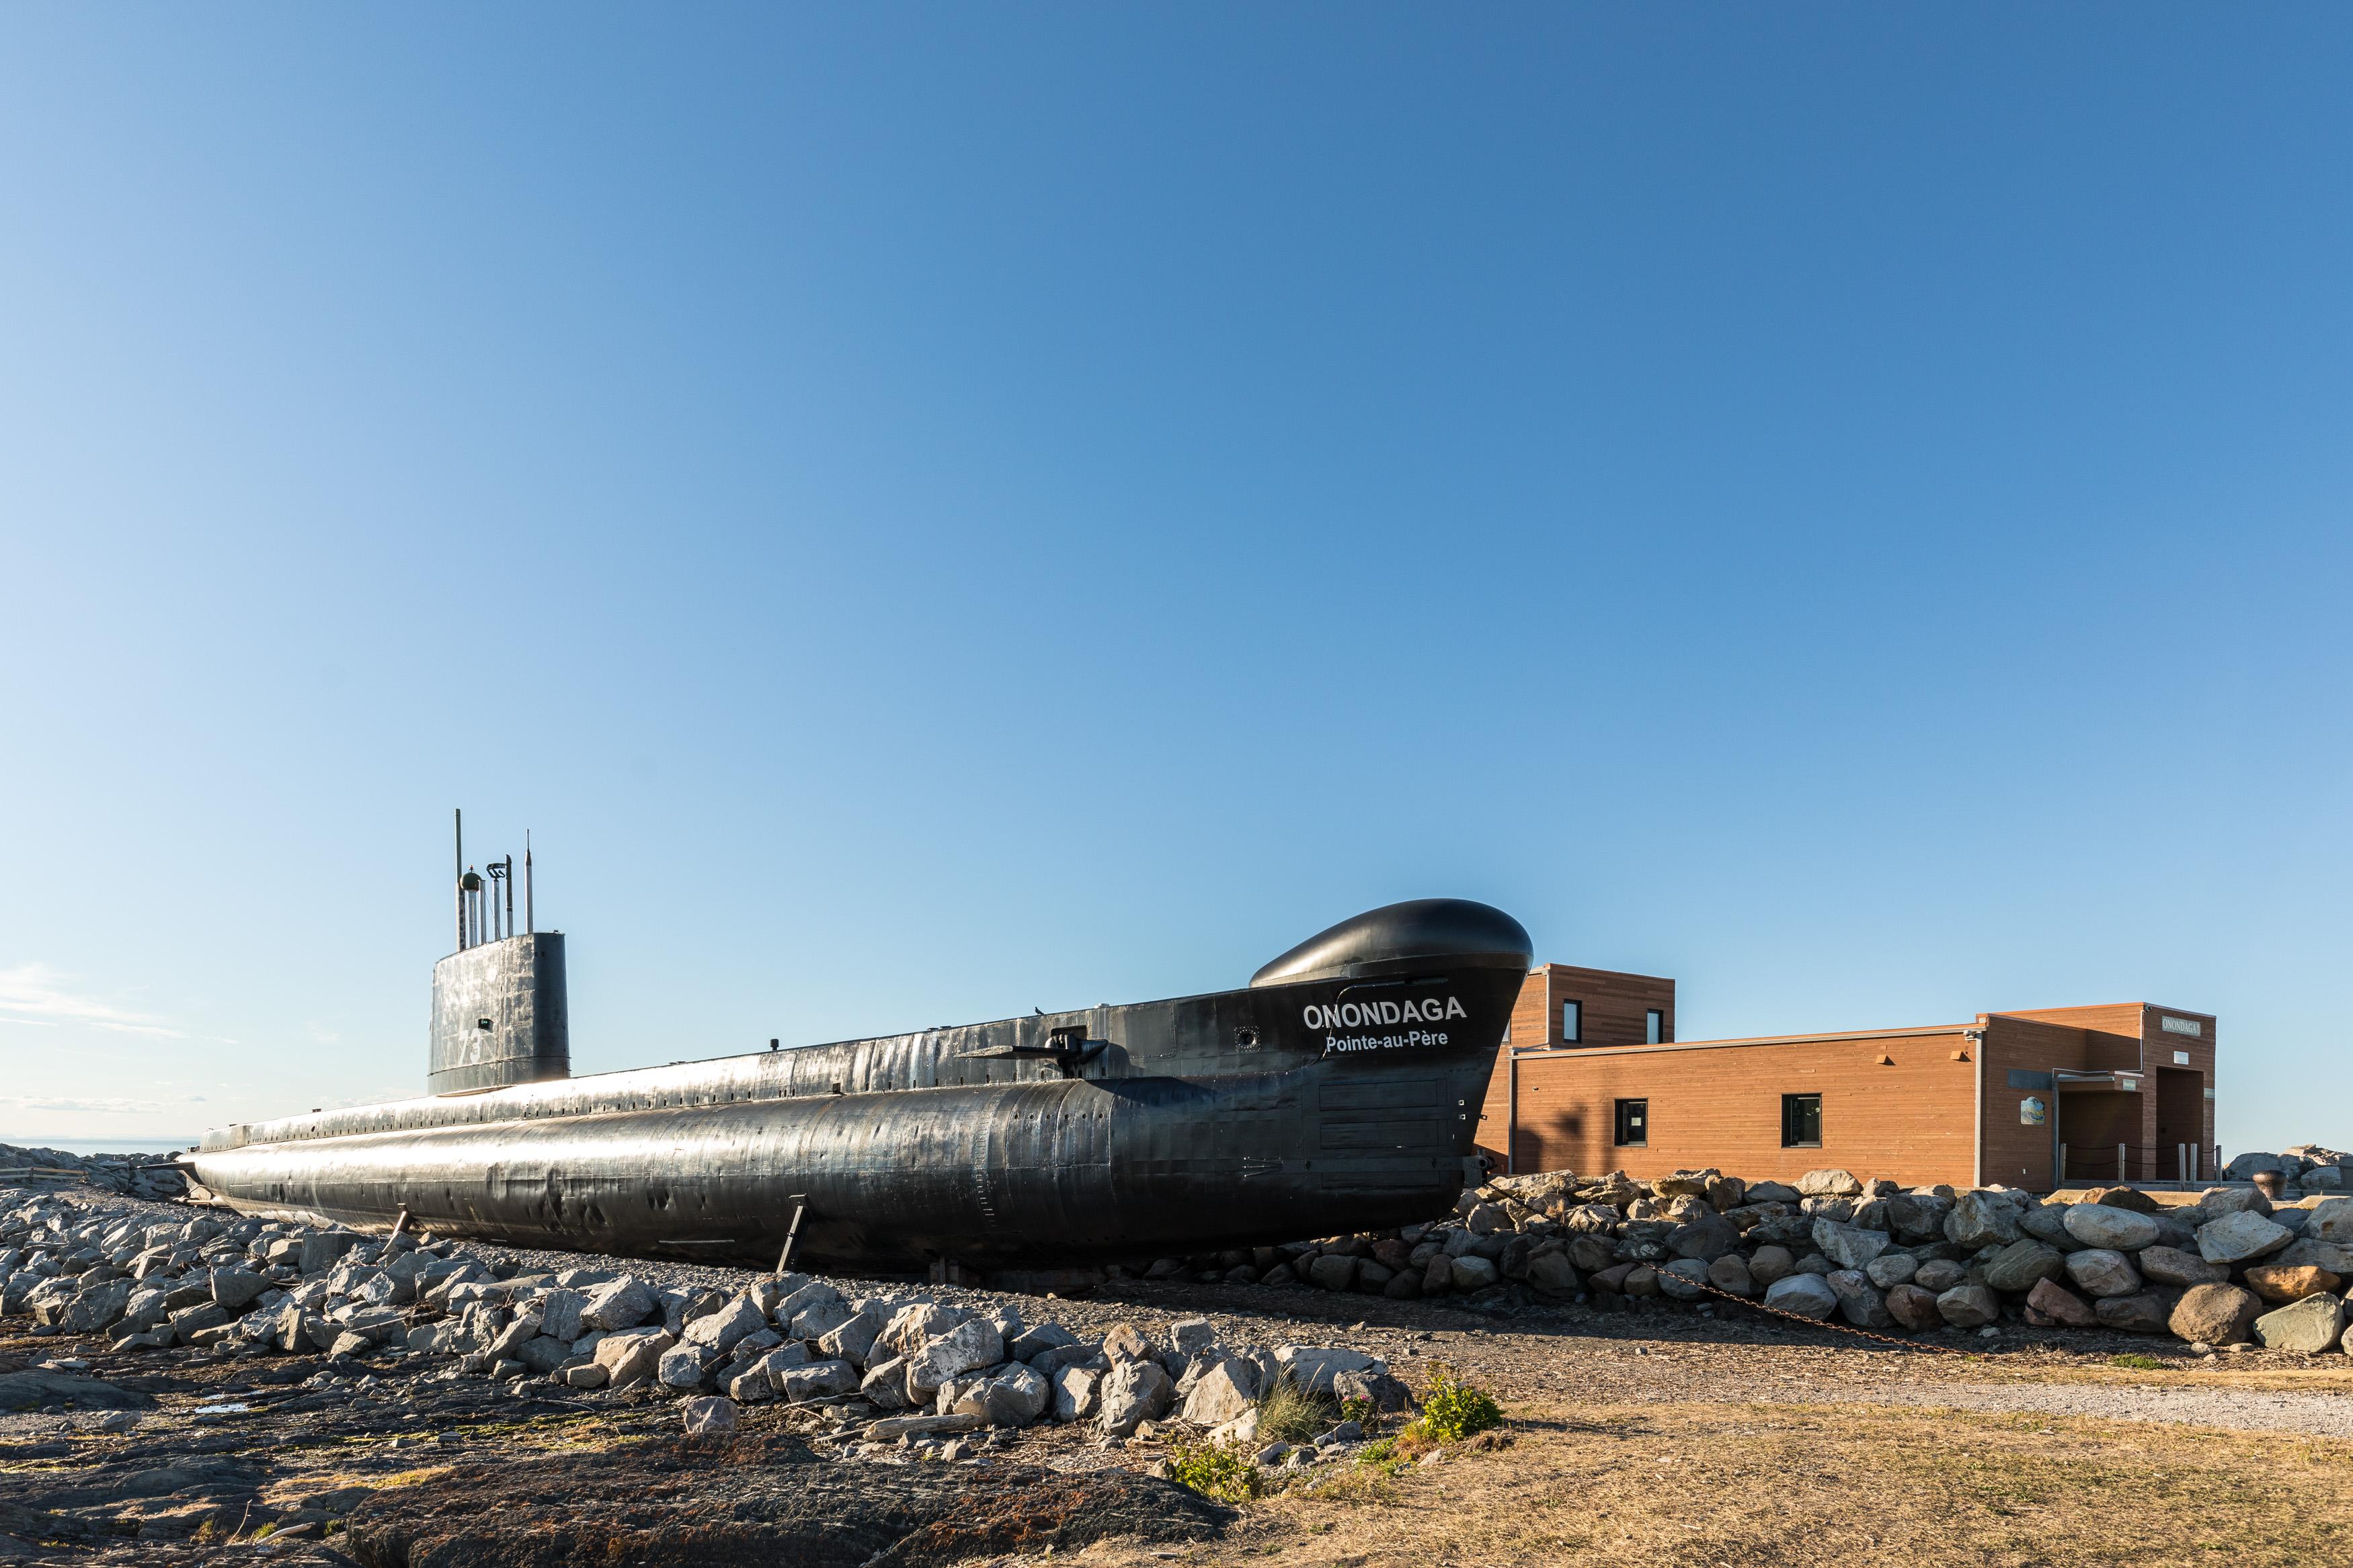 Le sous-marin Onondaga qui a sillonné l'Atlantique Nord de 1967 à 2000 est amarré en permanence au Site Maritime de la Pointe-au-Père.